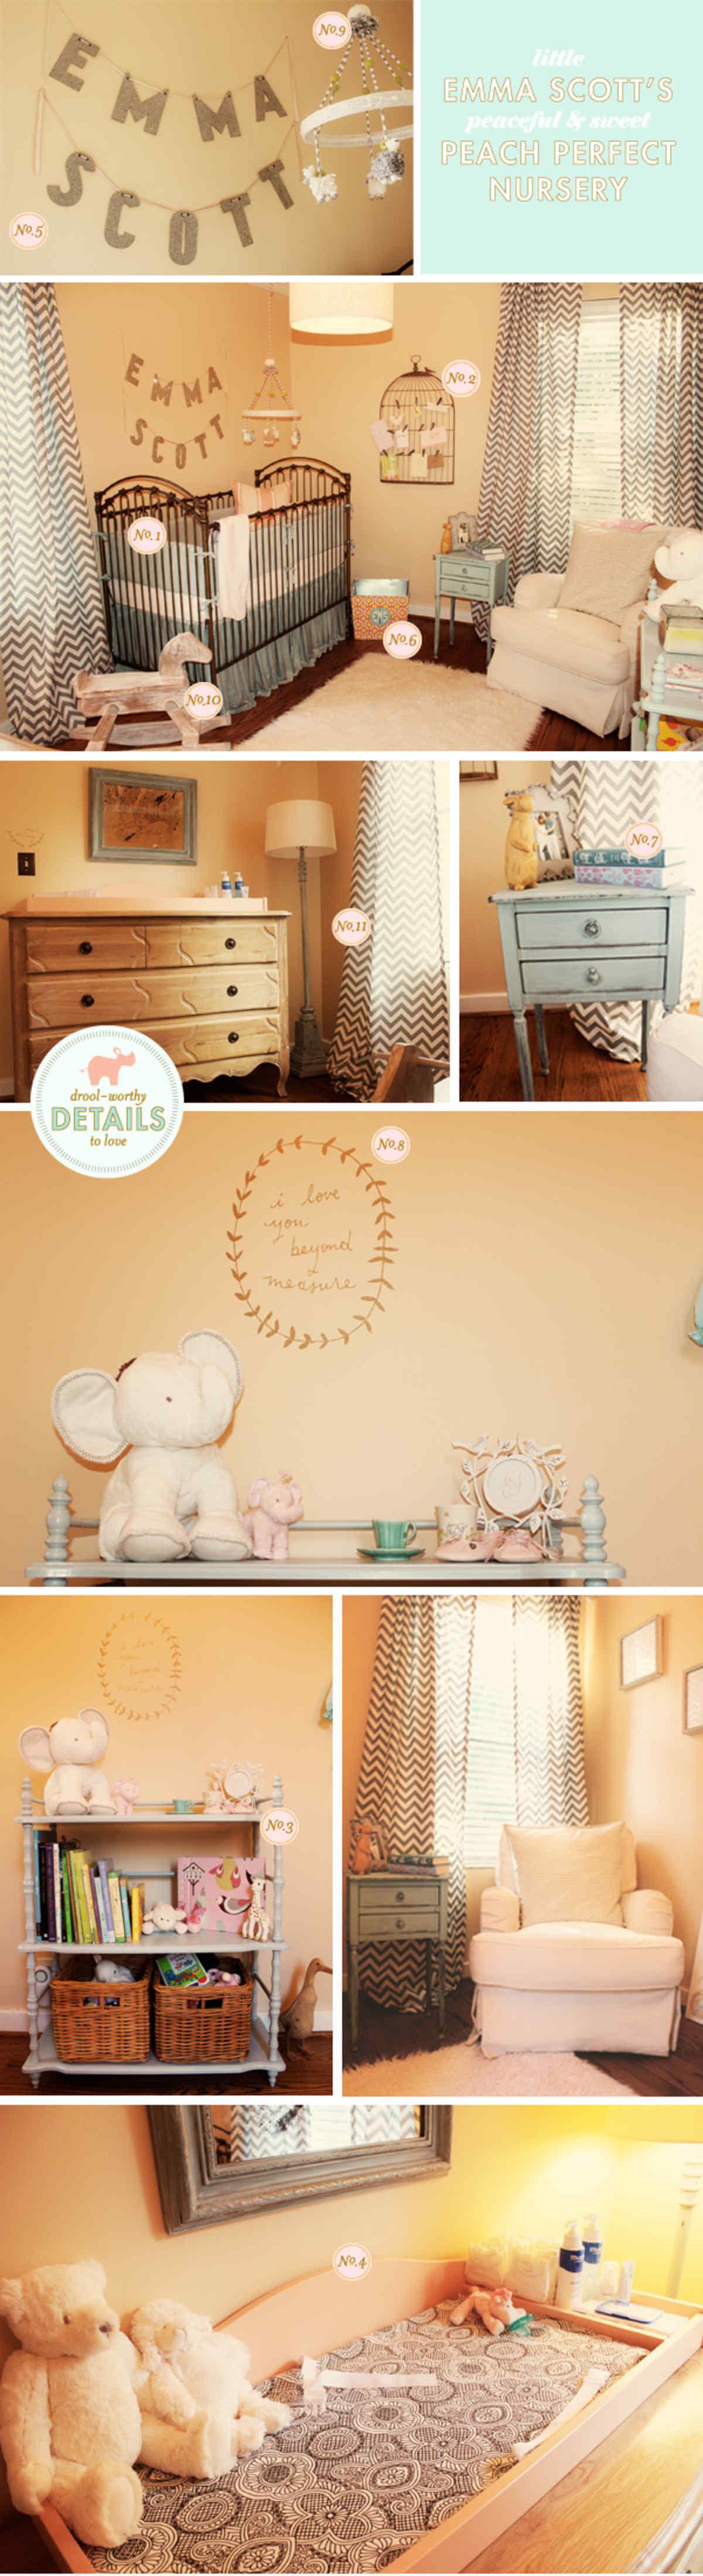 peach and gray baby nursery ideas